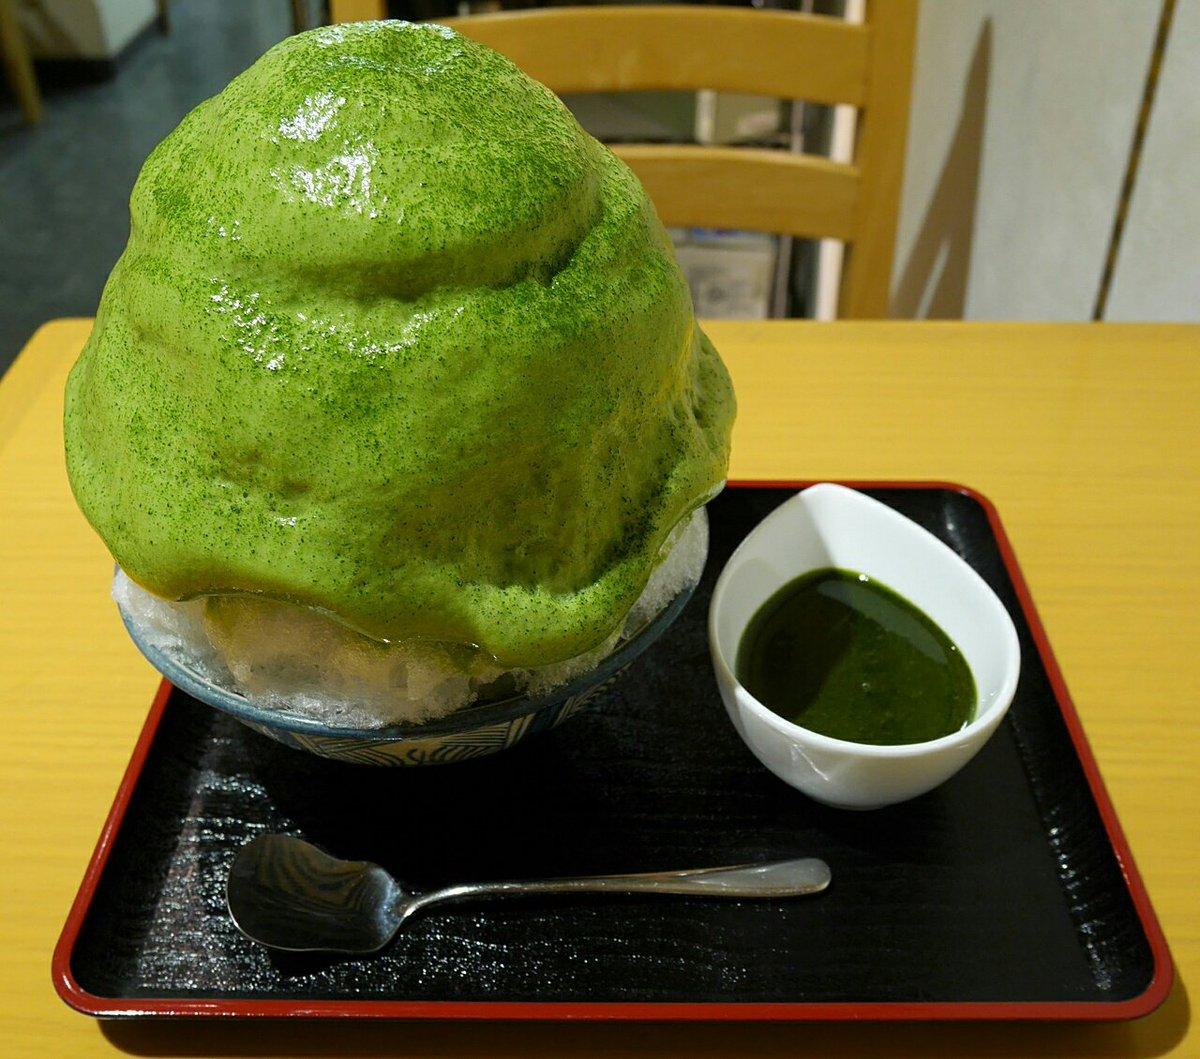 下北沢駅から徒歩2分。【しもきた茶苑大山】全国で13名しかいない茶師十段の認定者が2名いる日本茶専門店。1年中かき氷が食べられる。 pic.twitter.com/2TTAOc9Vkc